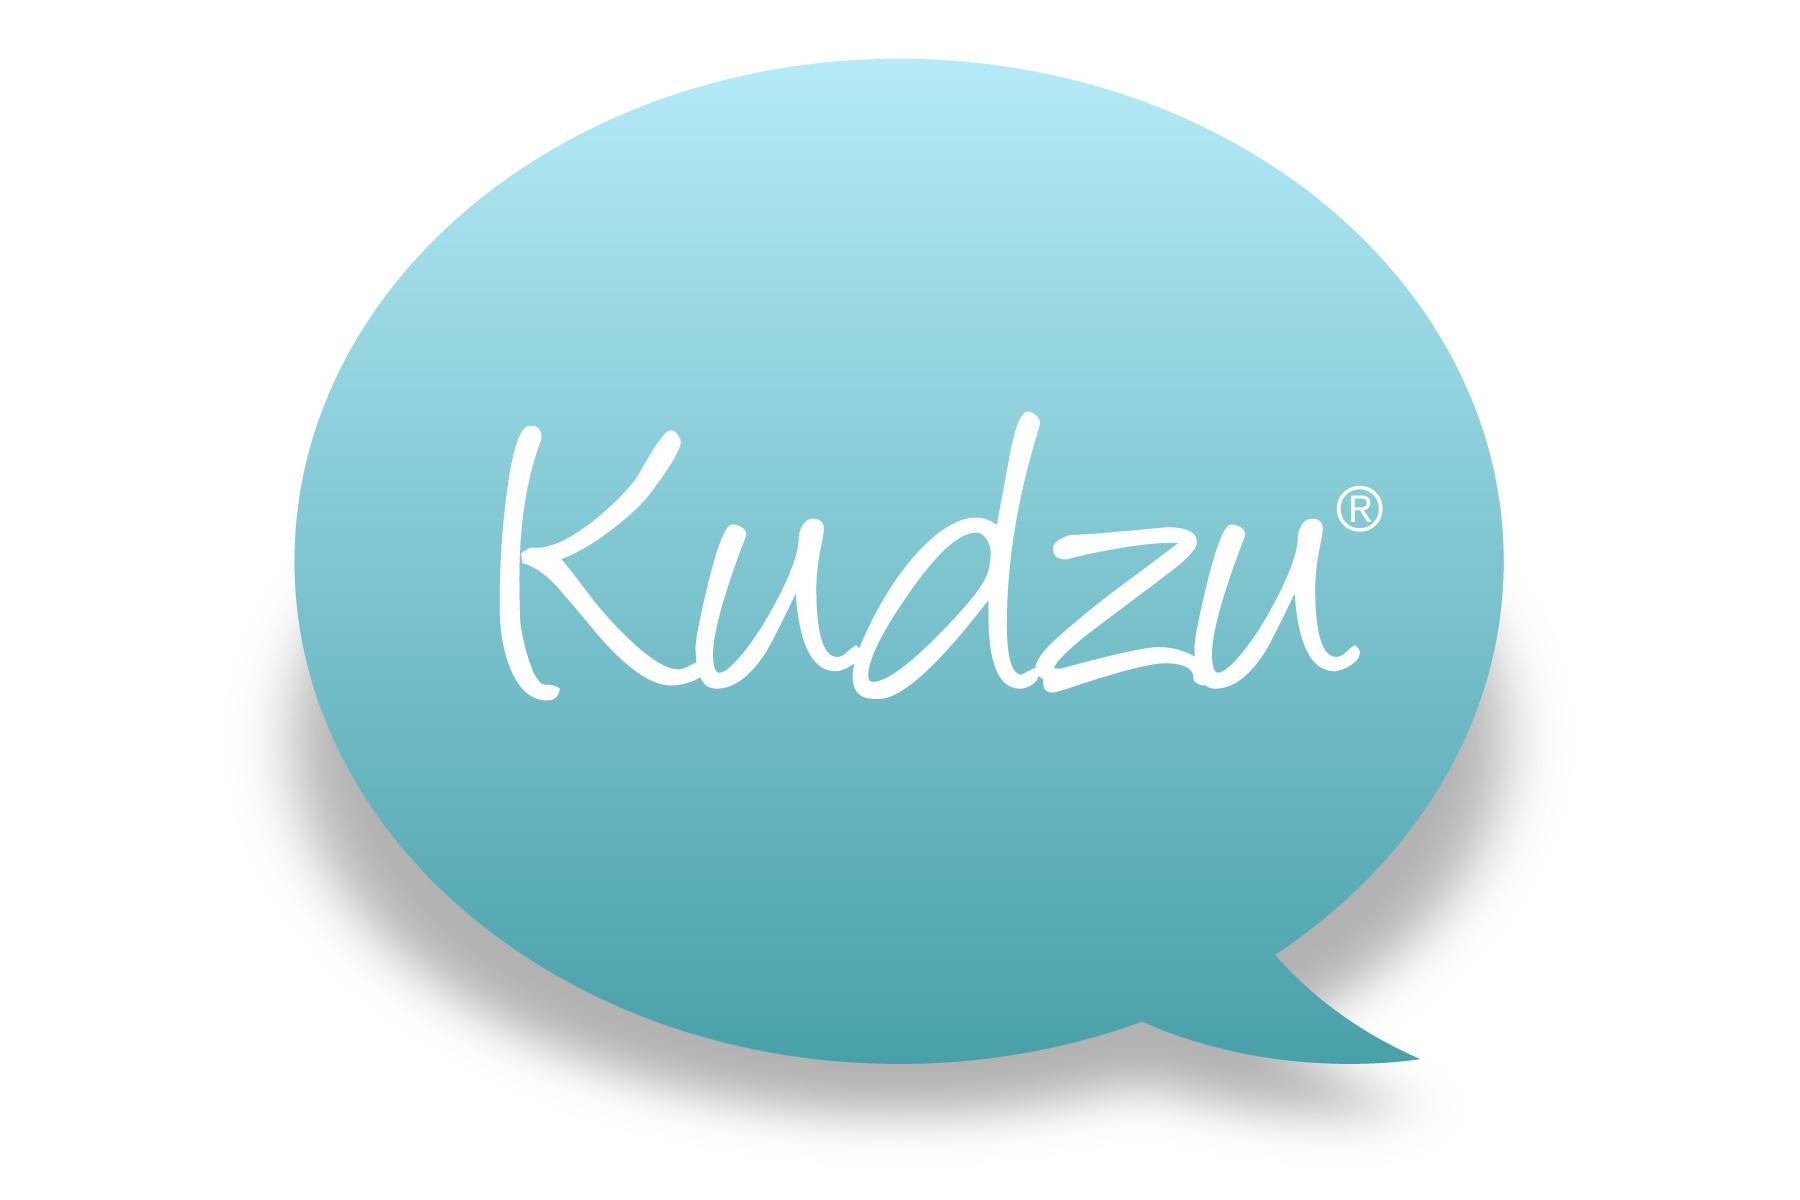 Kudzu.com